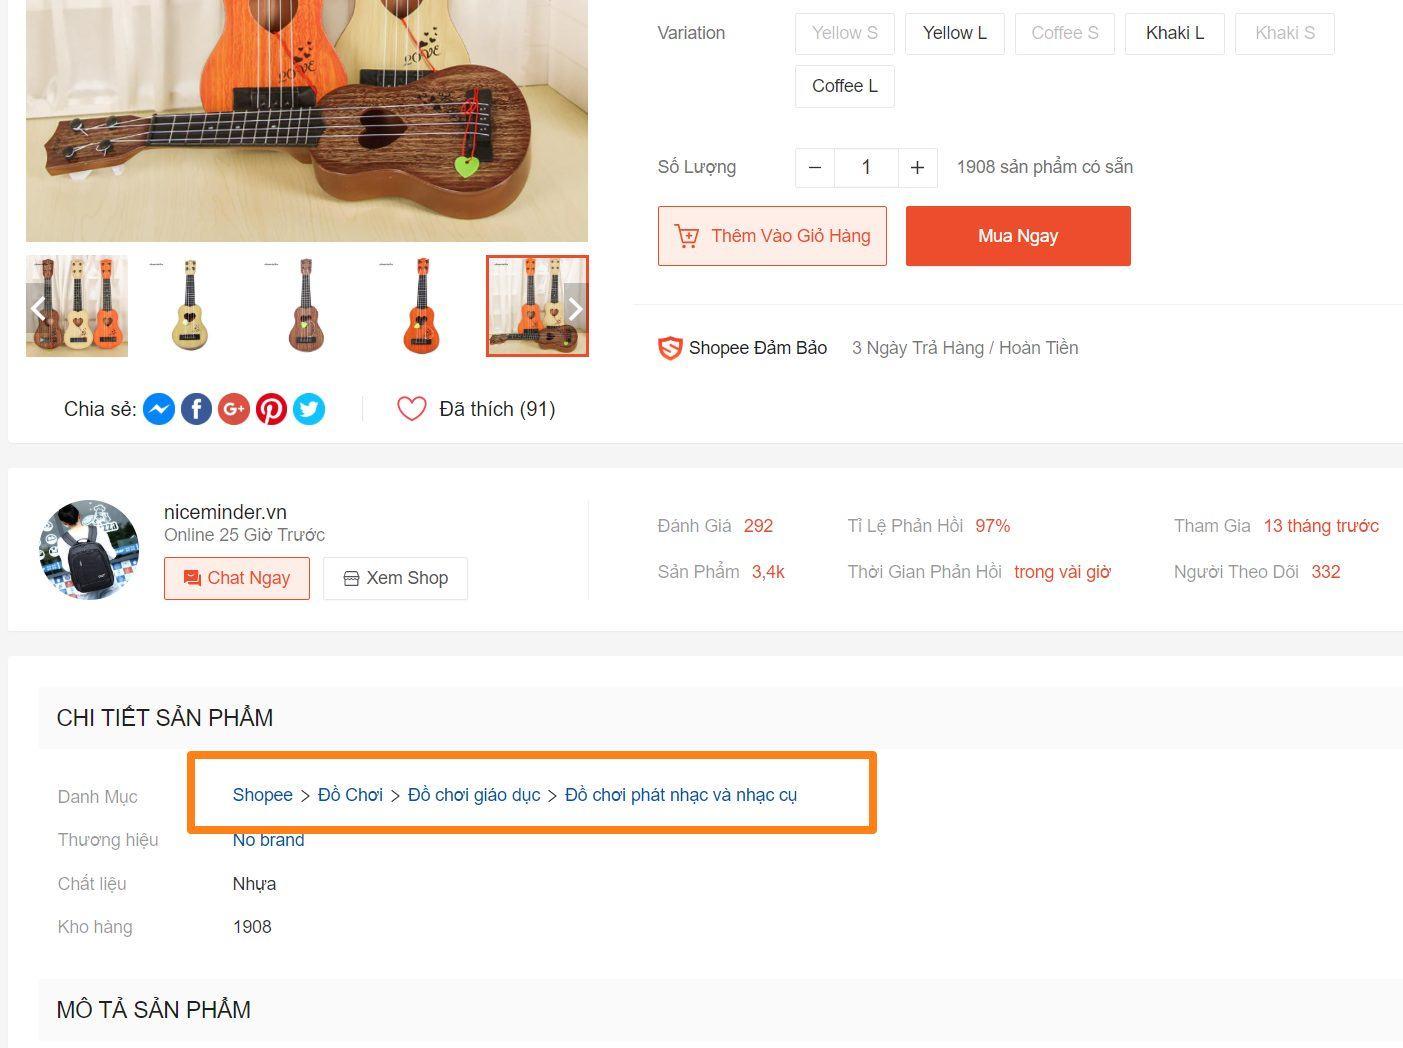 Cách xem danh mục ngành hàng của sản phẩm trên Shopee